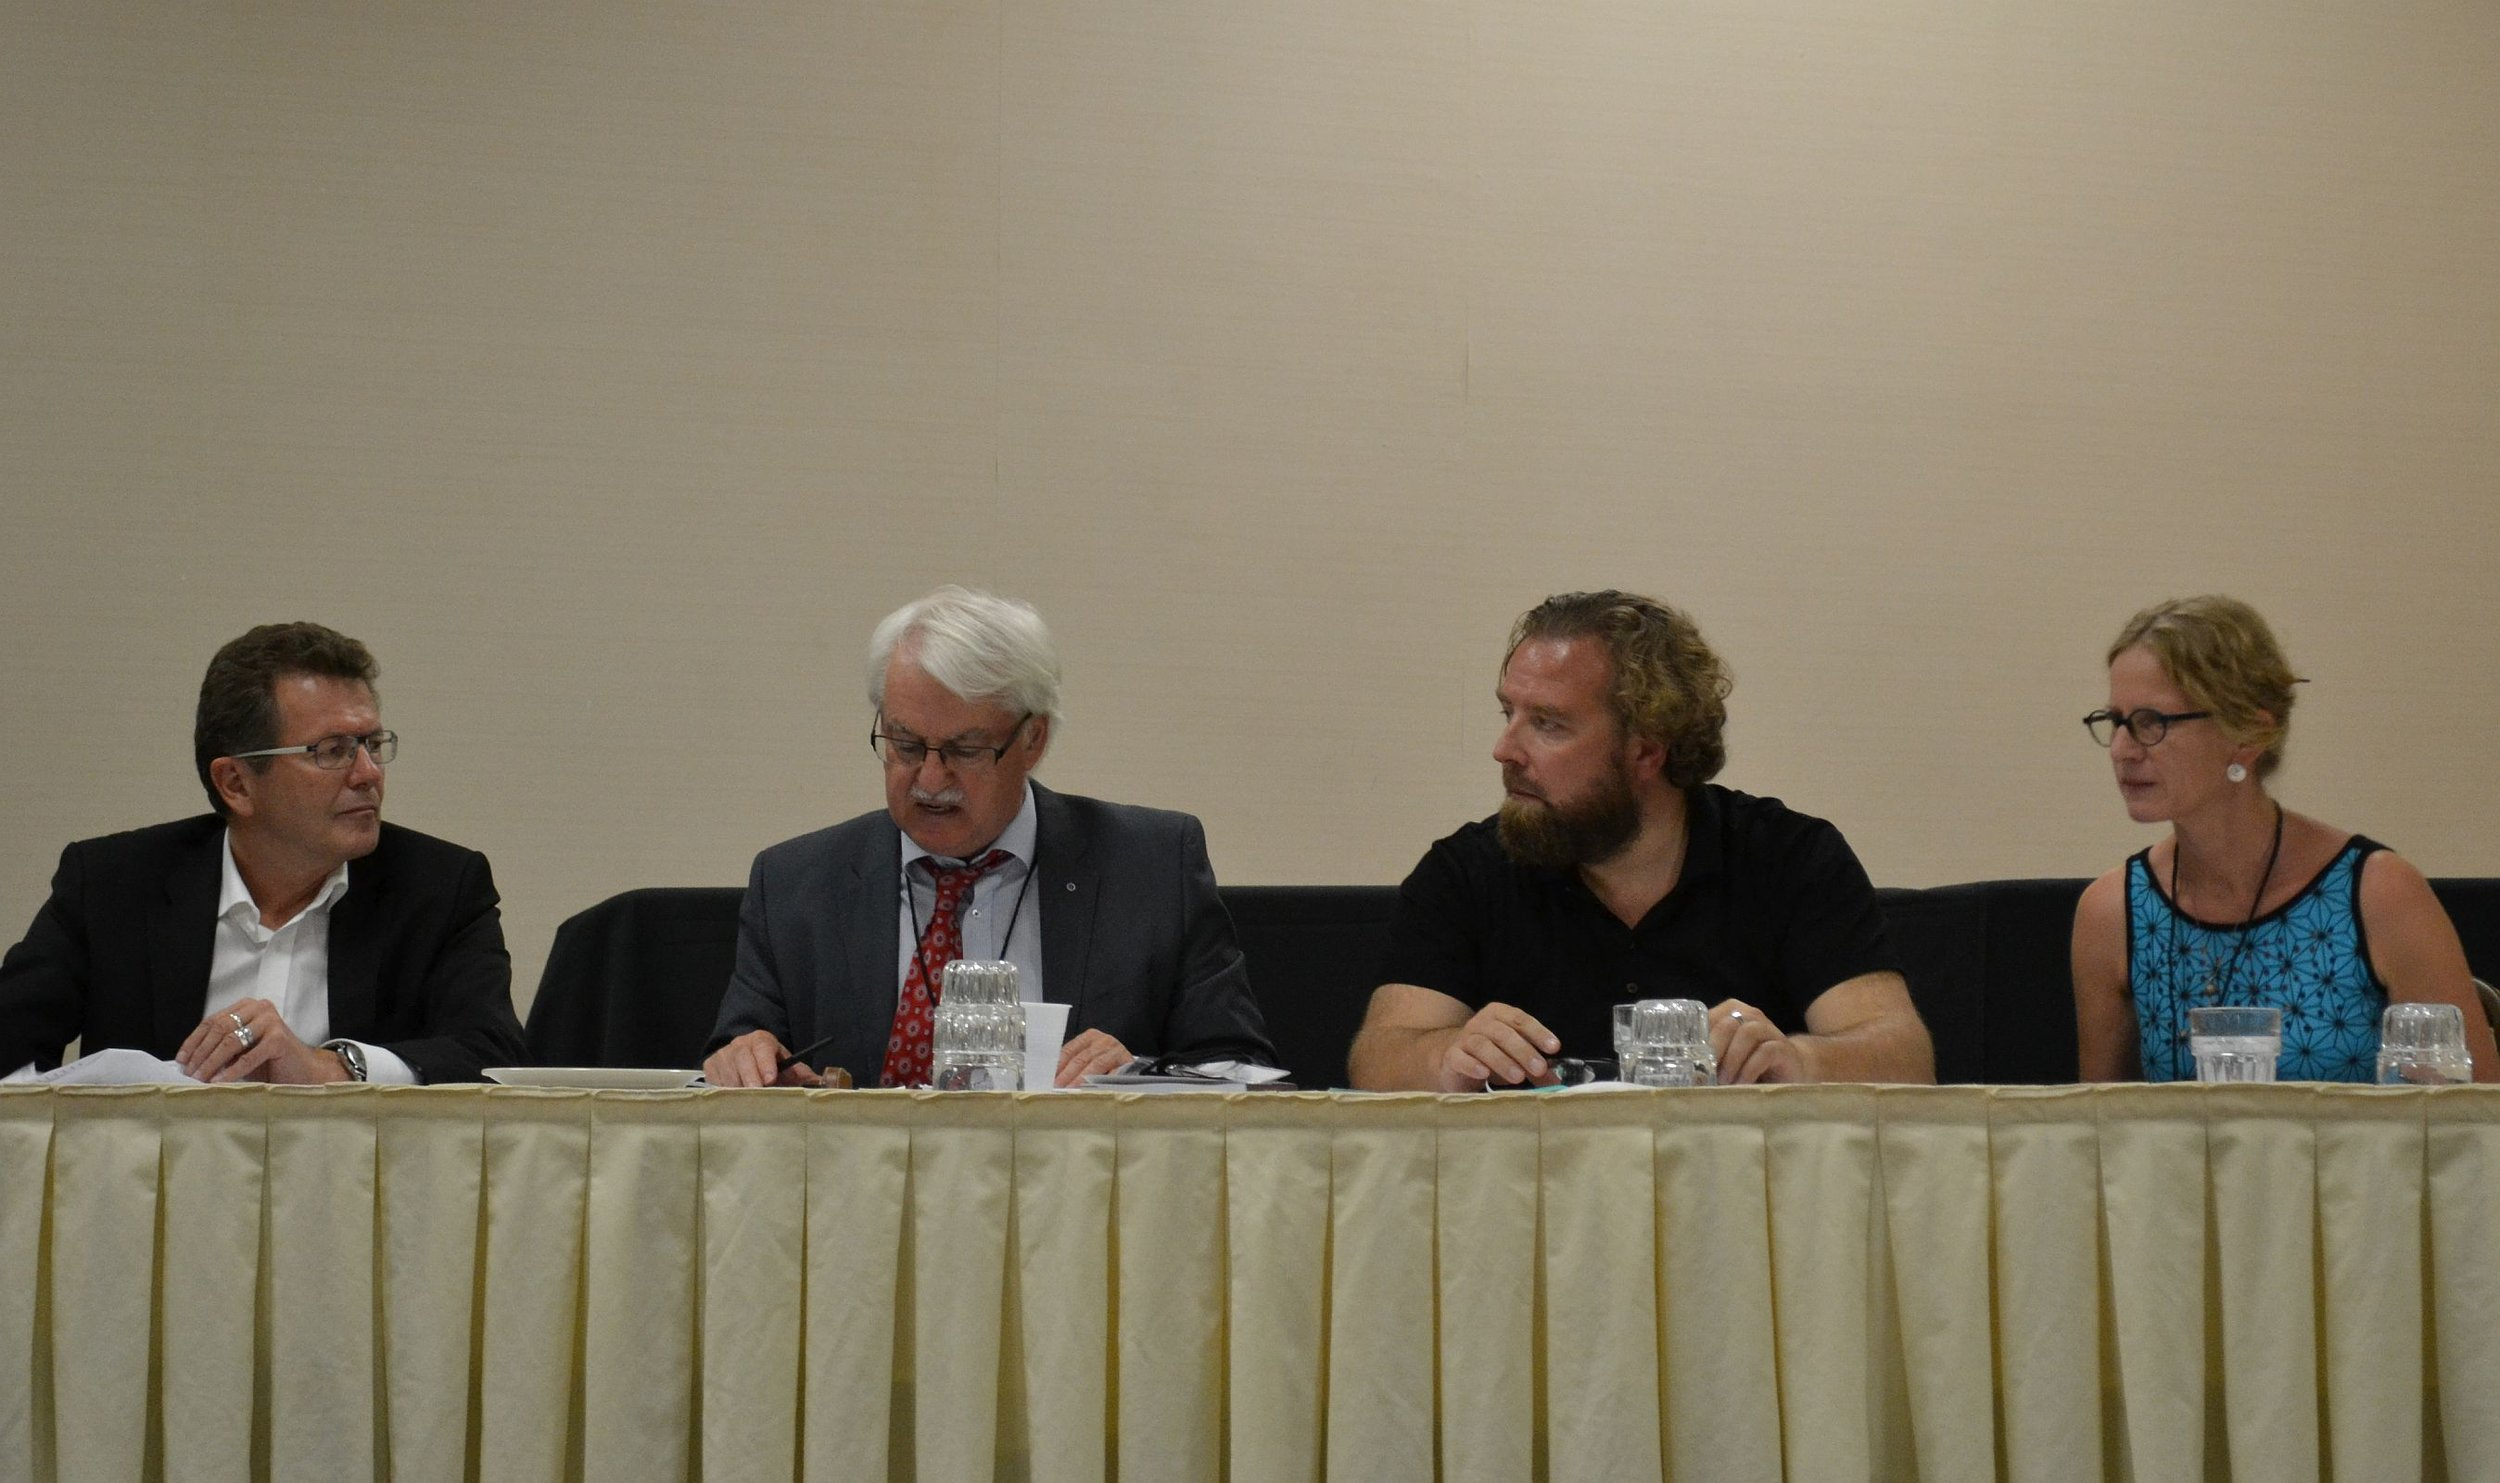 From left: Ambassador Waldner, Günter Bischof, Dirk Rupnow, Christiane Hintermann  Photo: Winfried Garscha